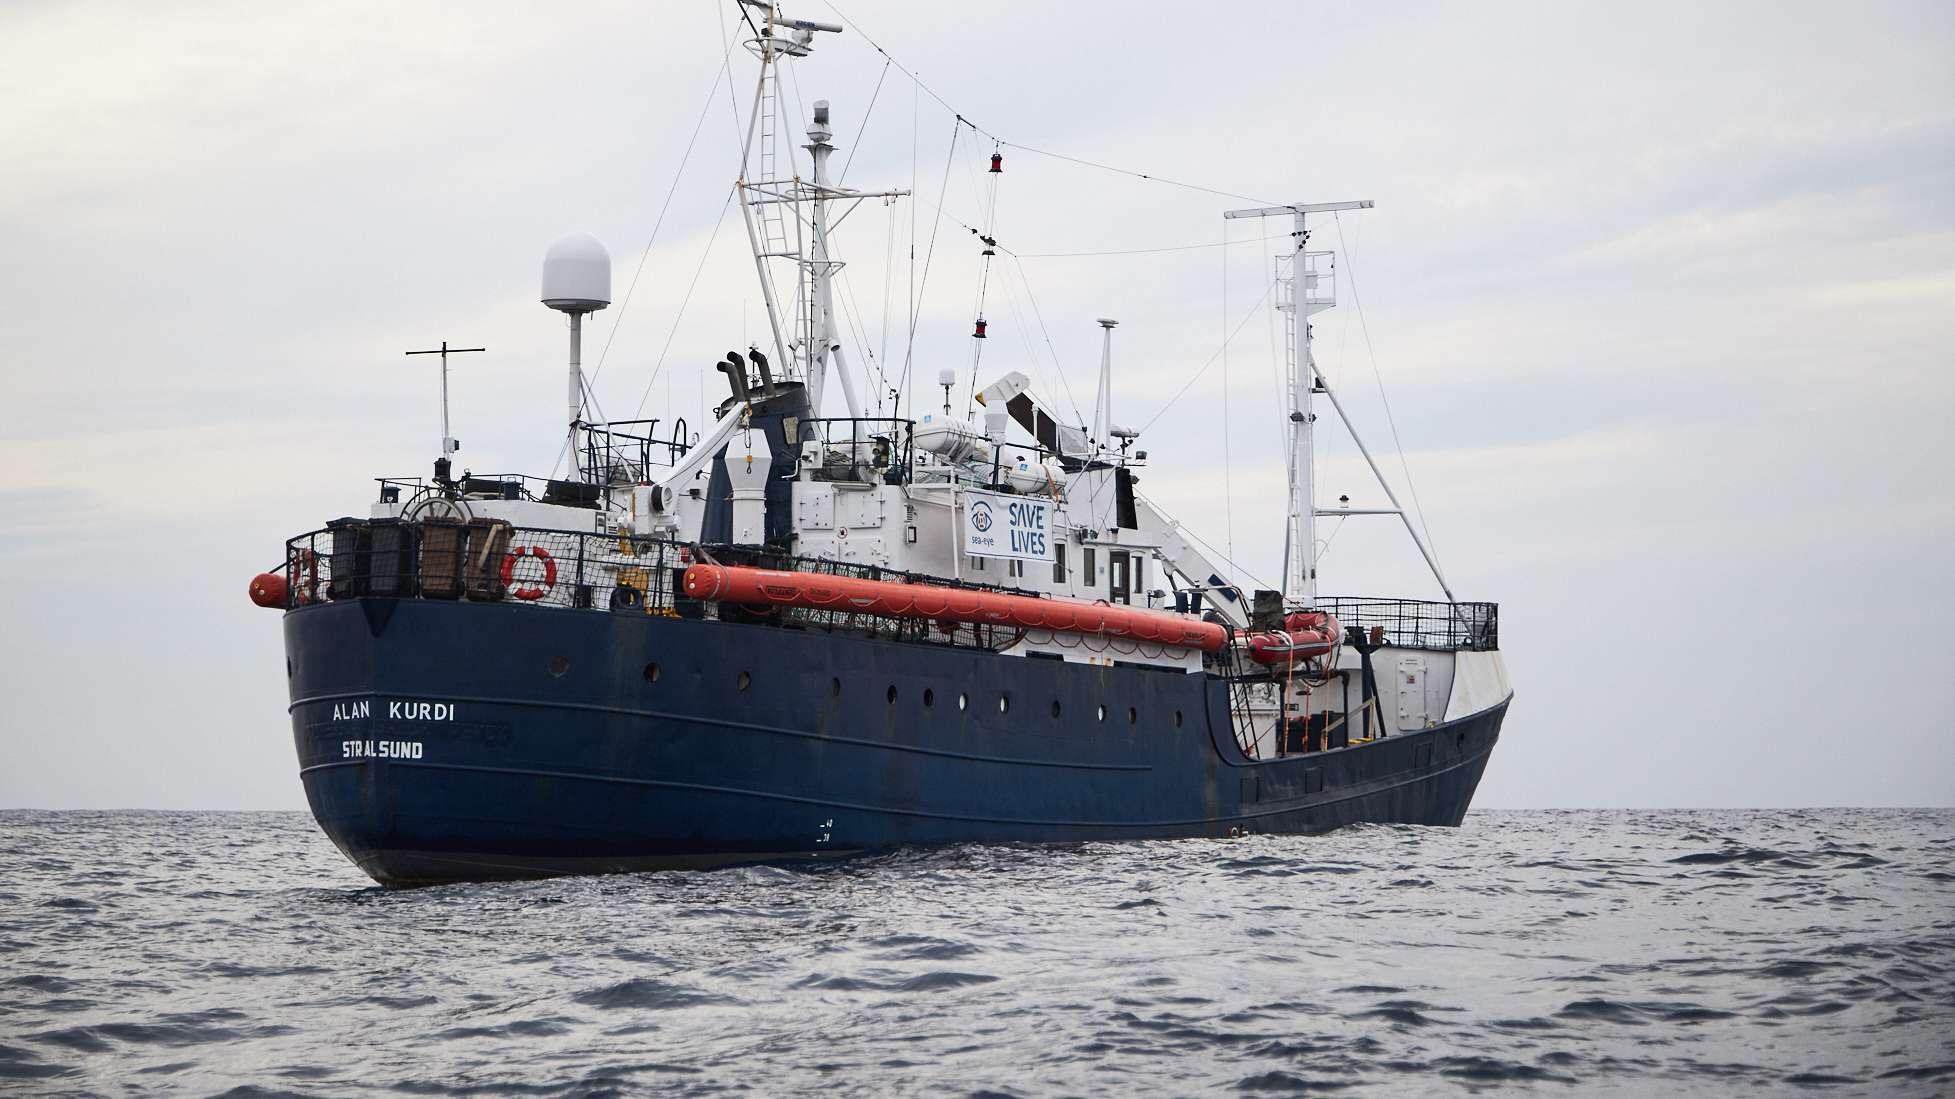 """64 Flüchtlinge sind auf dem Regensburger Seenotrettungsschiff """"Alan Kurdi"""" untergebracht."""